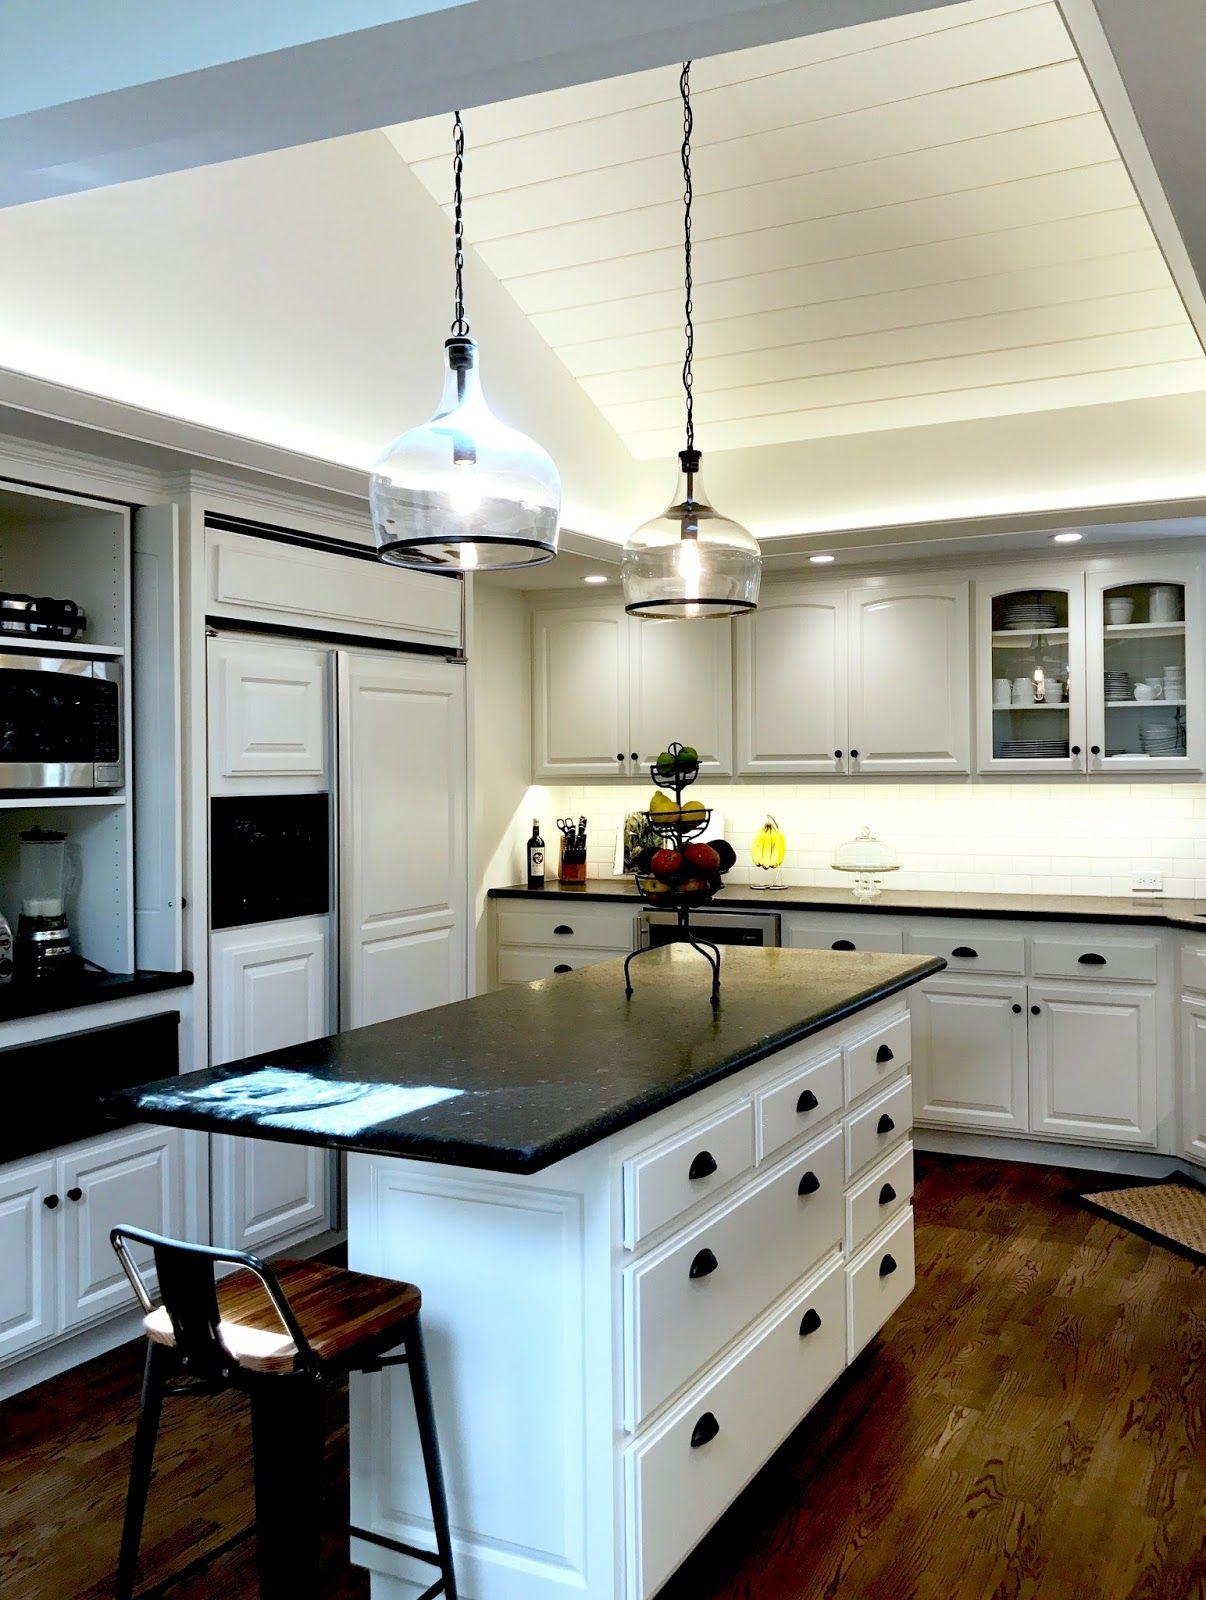 black and white modern farmhouse kitchen before and after kitchen decor rustic kitchen decor on farmhouse kitchen black and white id=42215